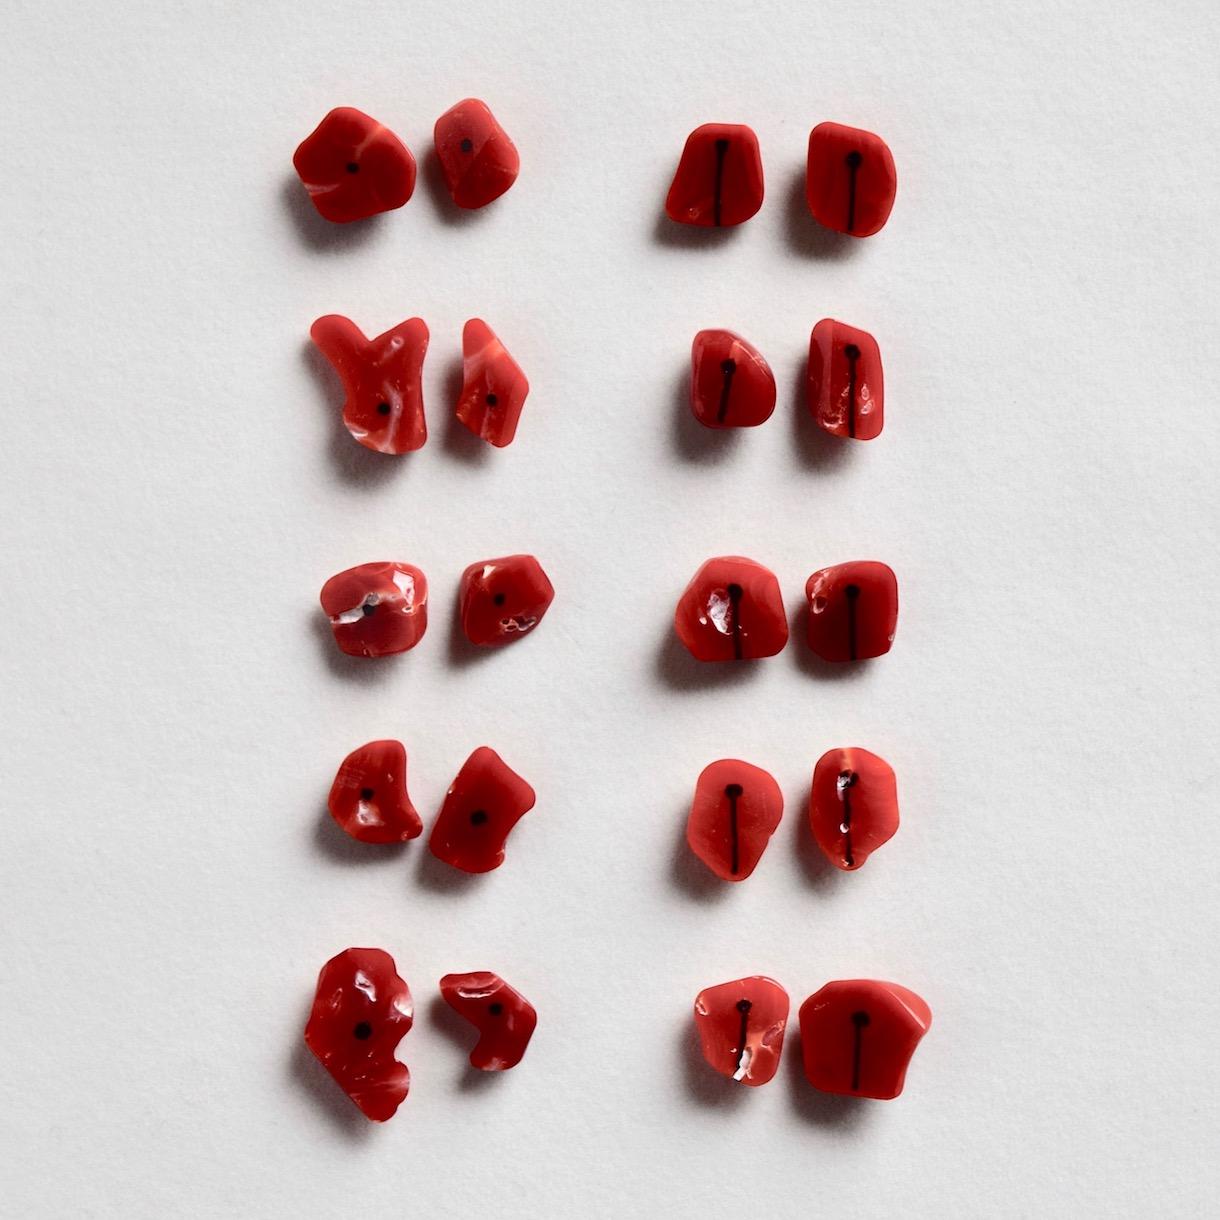 赤珊瑚のピアス,赤珊瑚のイヤリング